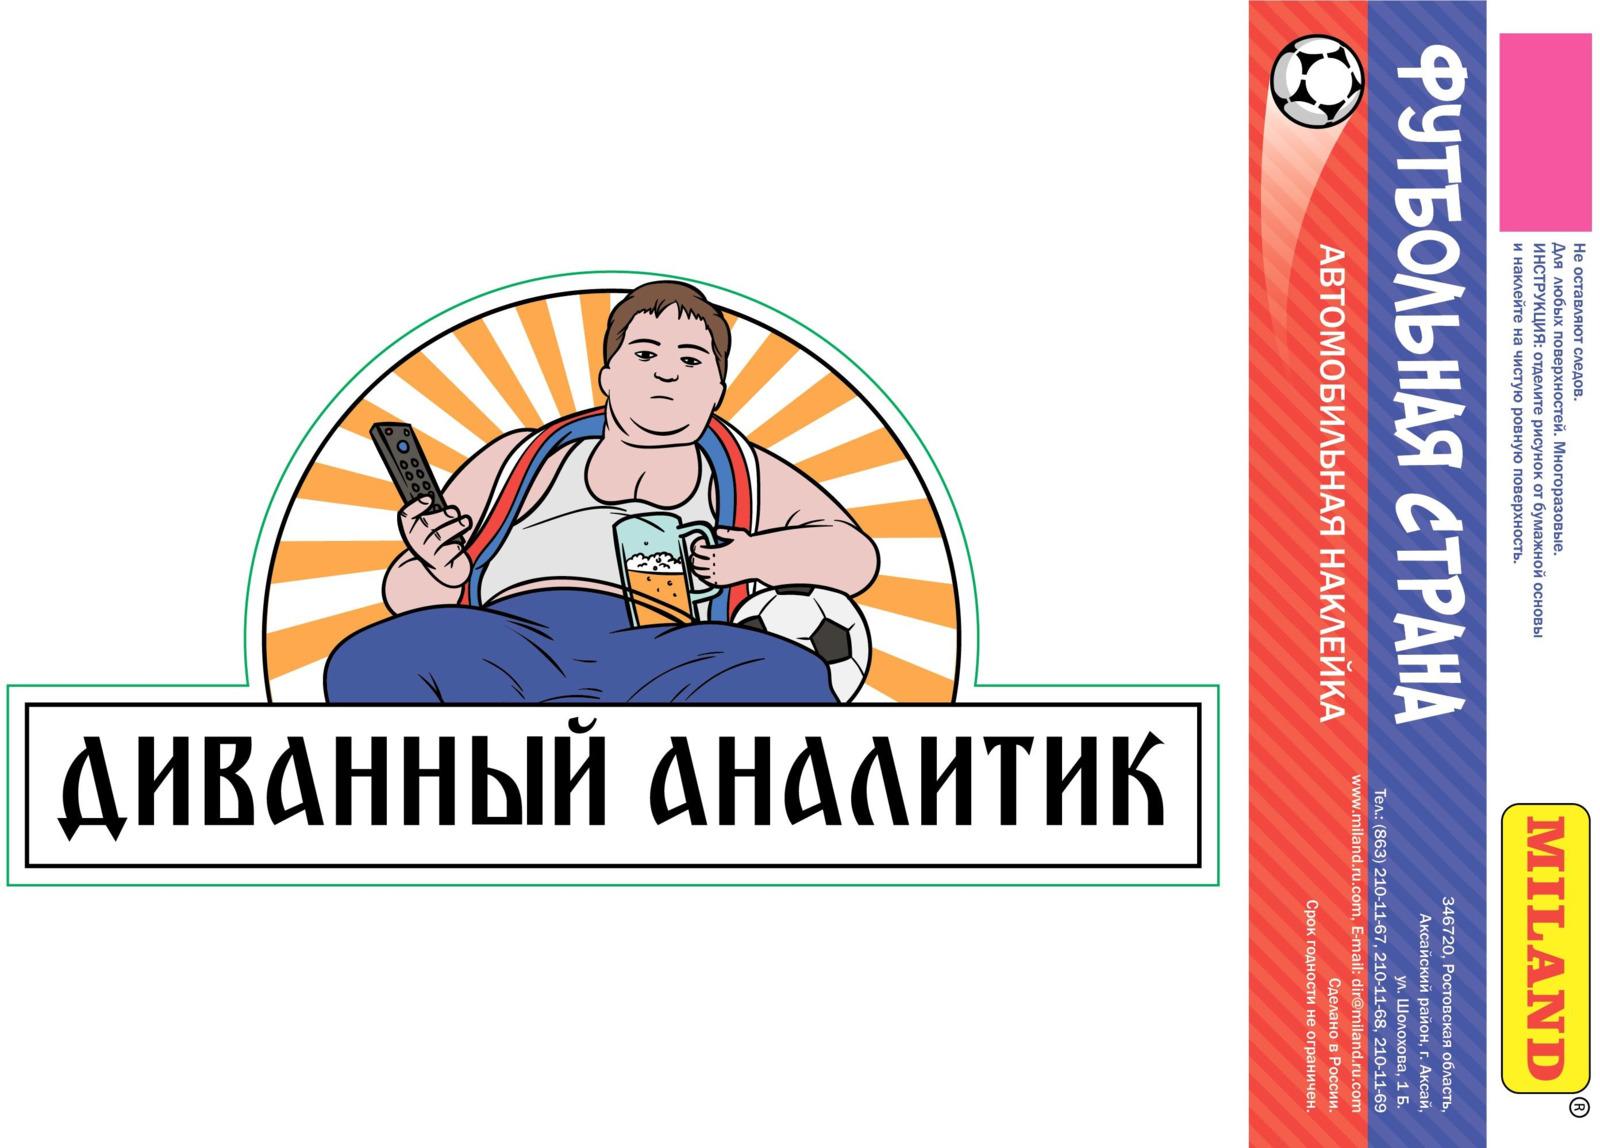 """Наклейка на авто Miland Футбольная страна """"Диванный аналитик"""", НА-2481"""